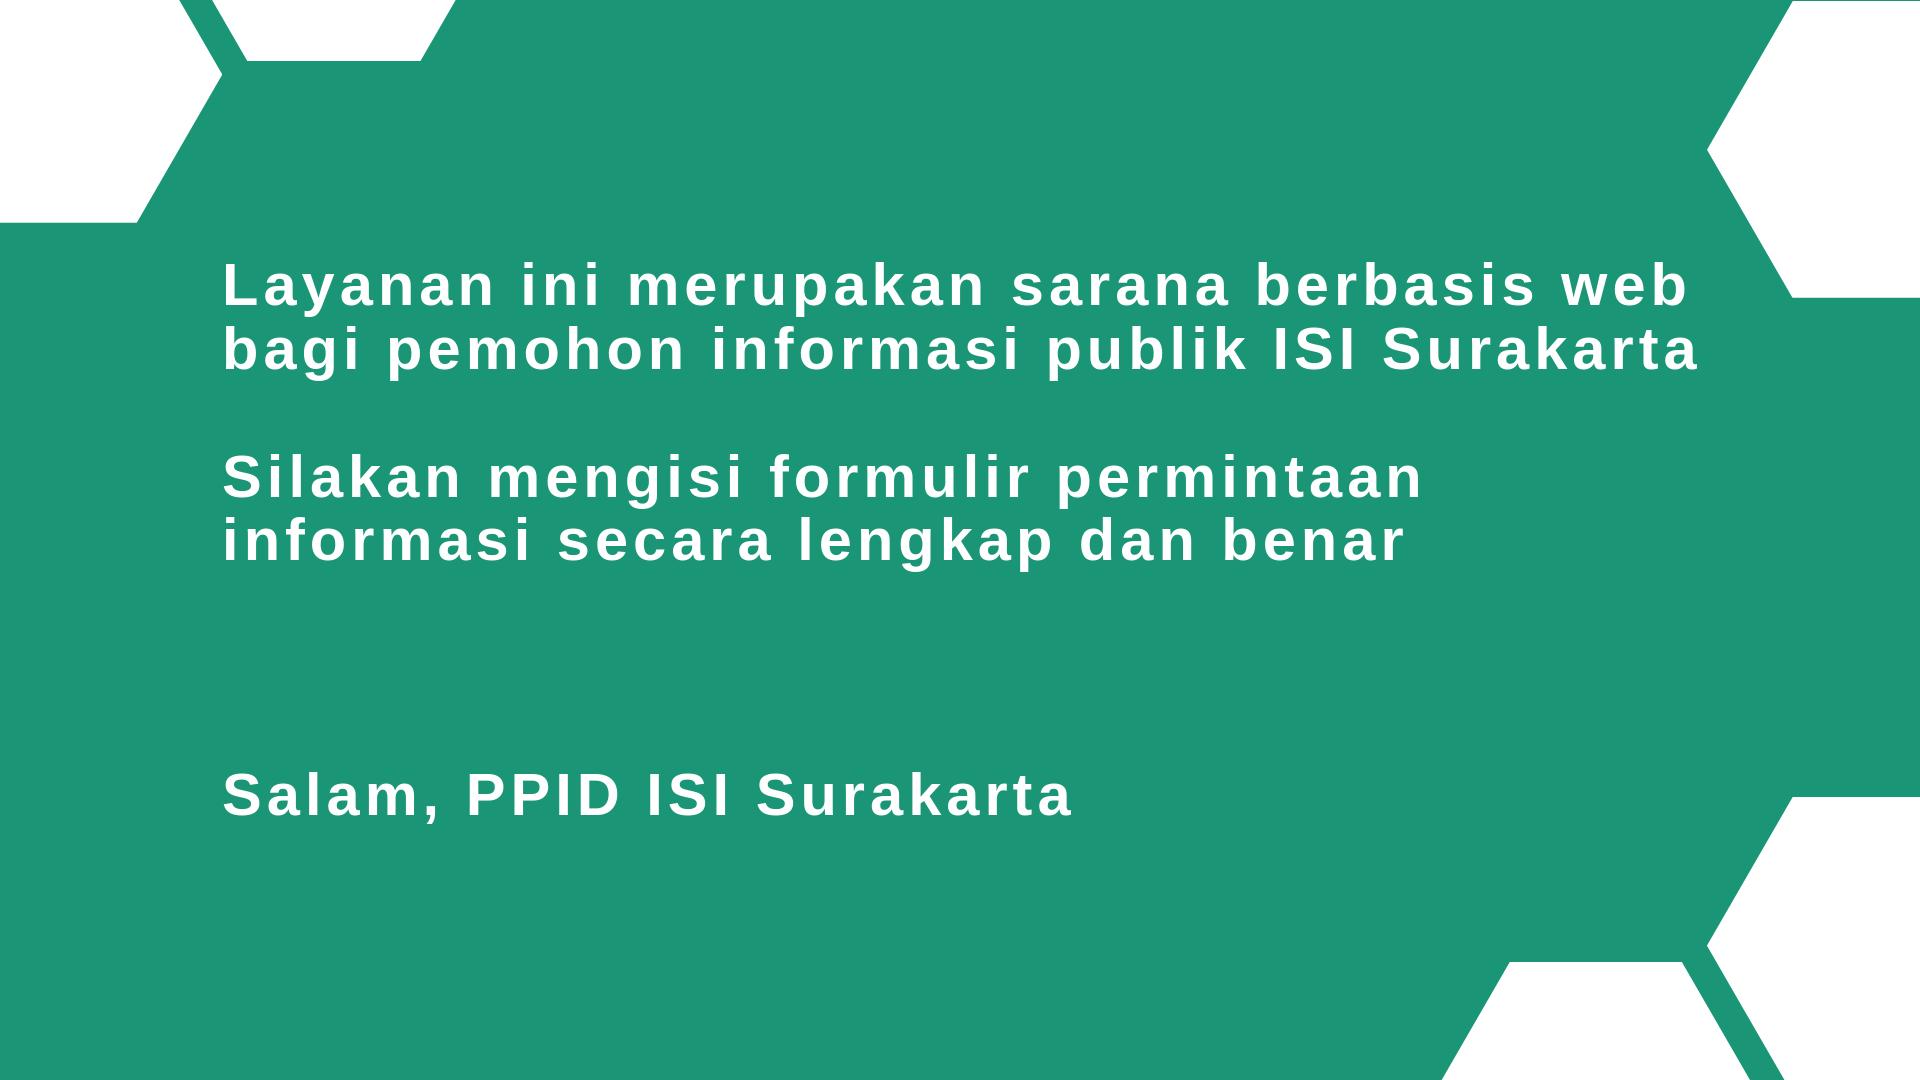 PPID Pejabat Pengelola Informasi dan Dokumentasi-2